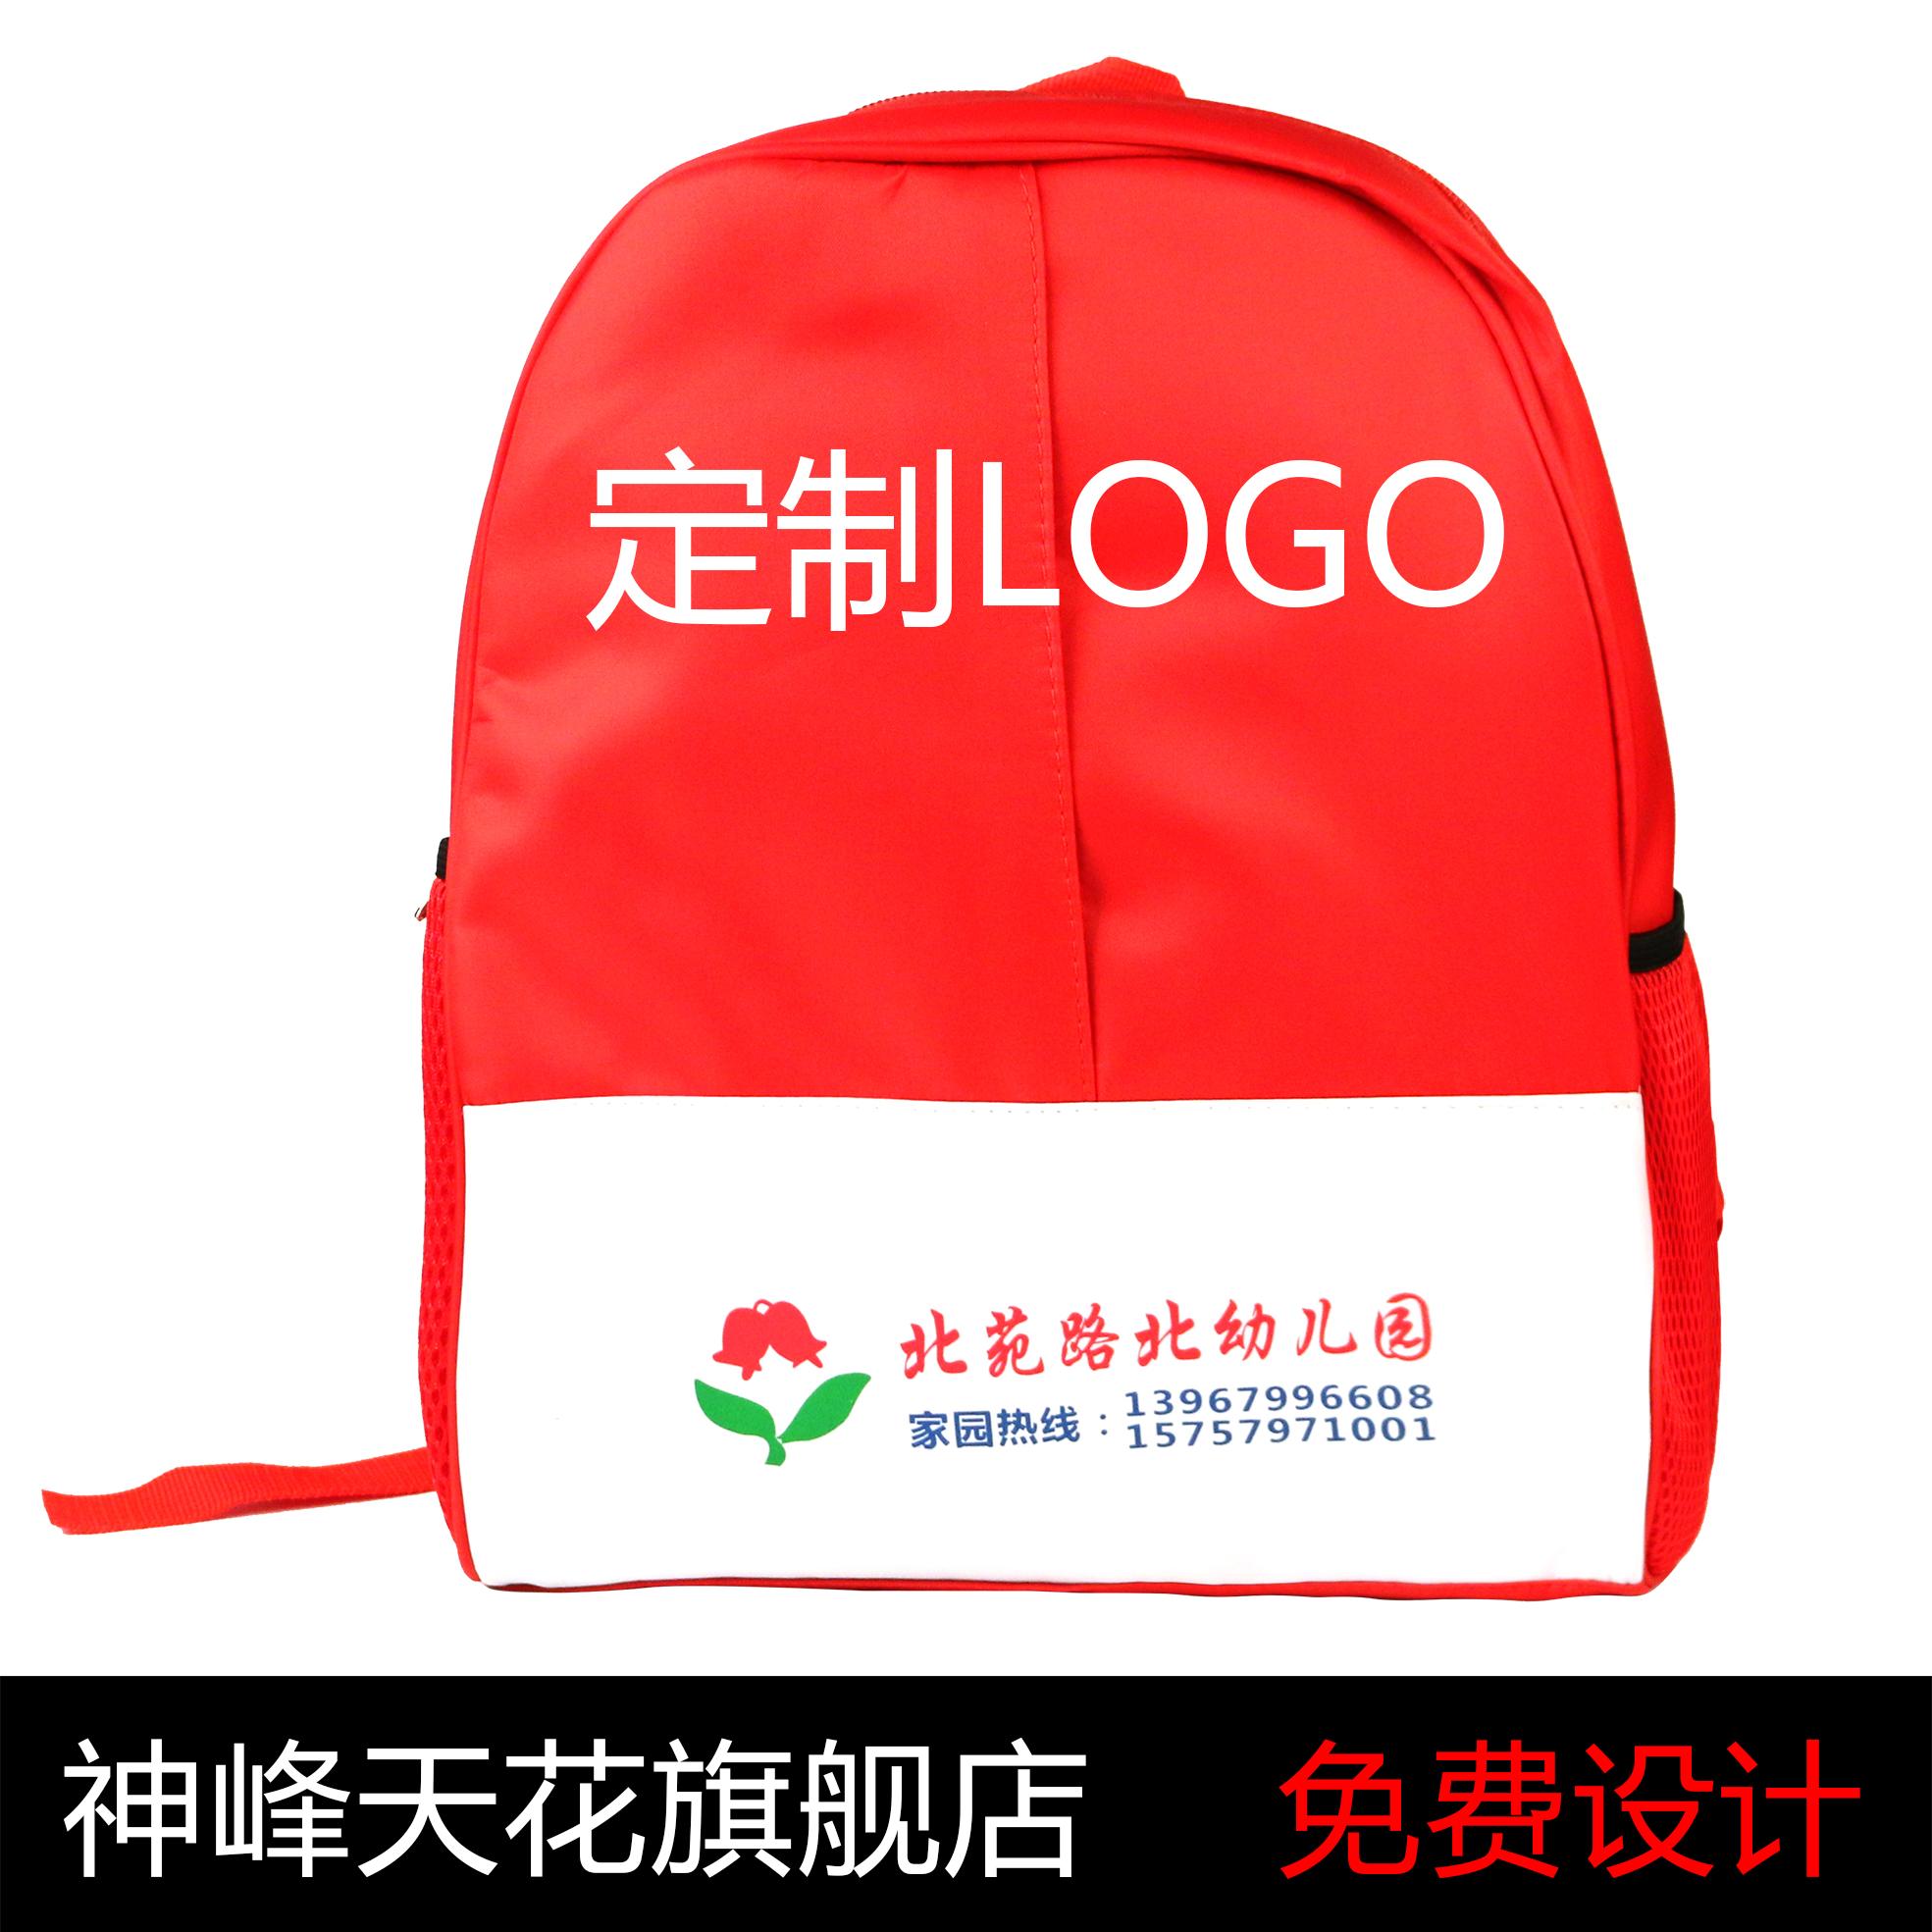 Детский сад портфель стандарт портфель печать logo сделанный на заказ студент специальность производить детский сад поезд класс вспомогательный руководство класс